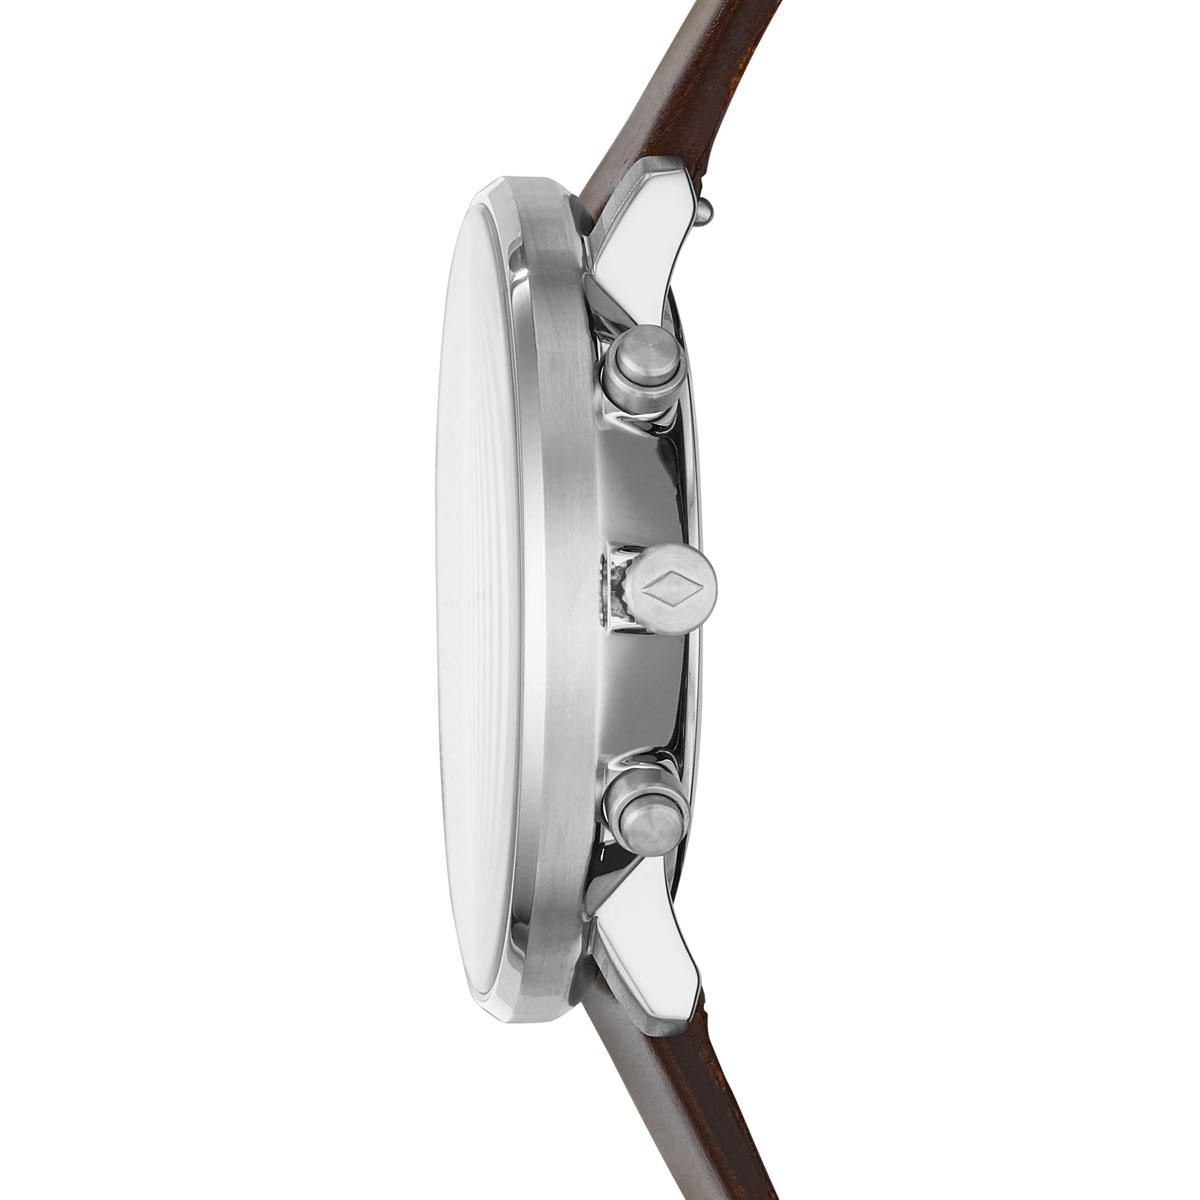 フォッシル FOSSIL 腕時計 メンズ チェース タイマー CHASE TIMER クロノグラフ FS5488【2018 新作】